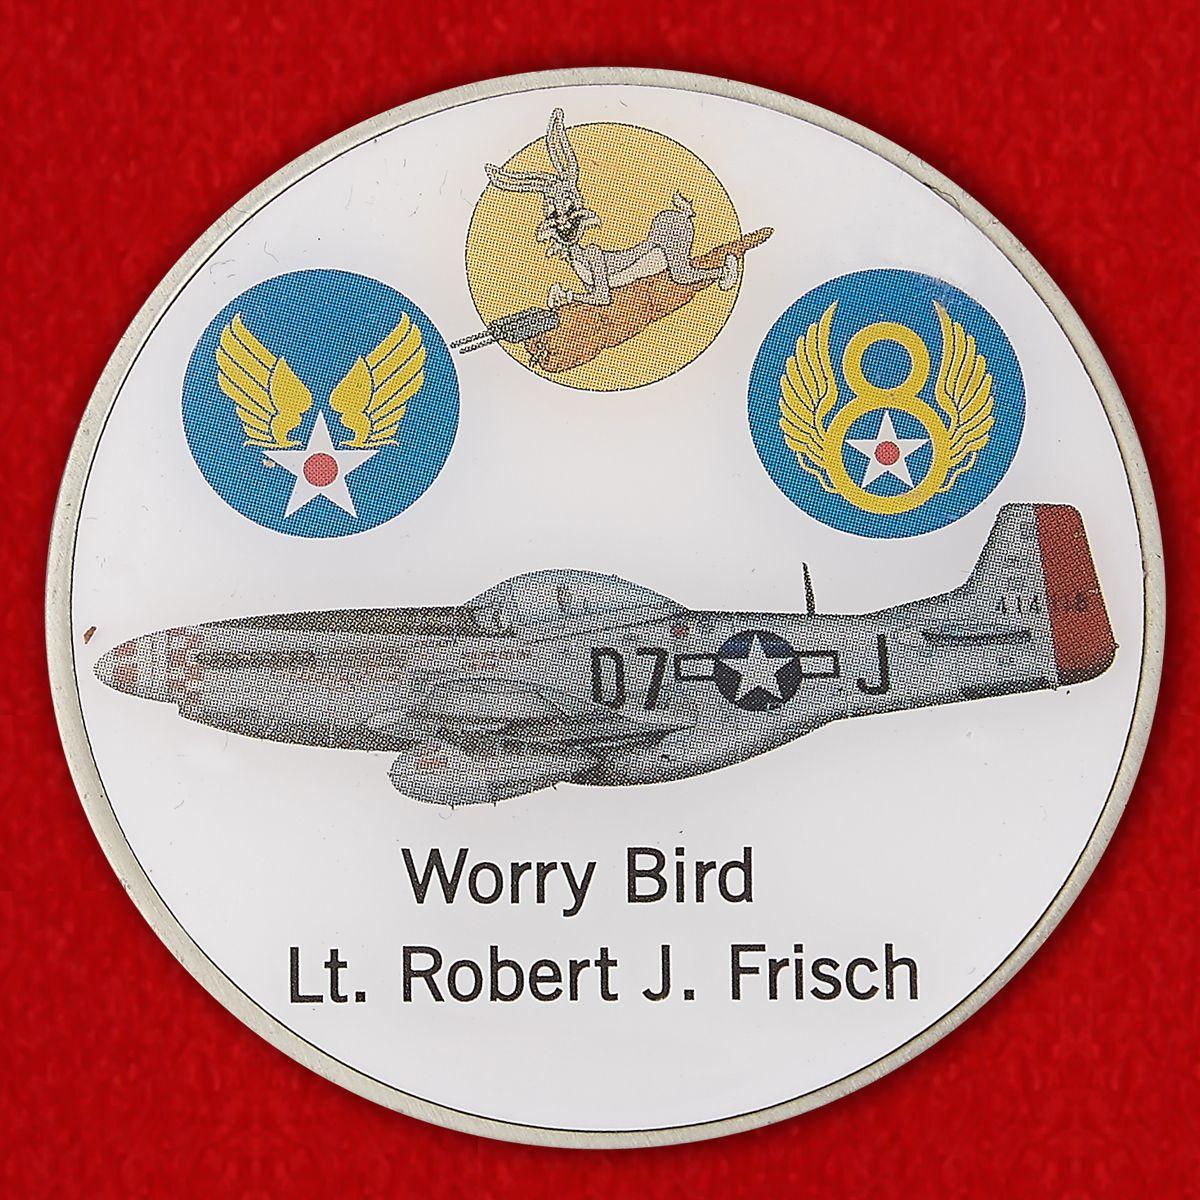 P-51 Mustang Worry Bird Lt. Robert J. Frisch Challenge Coin